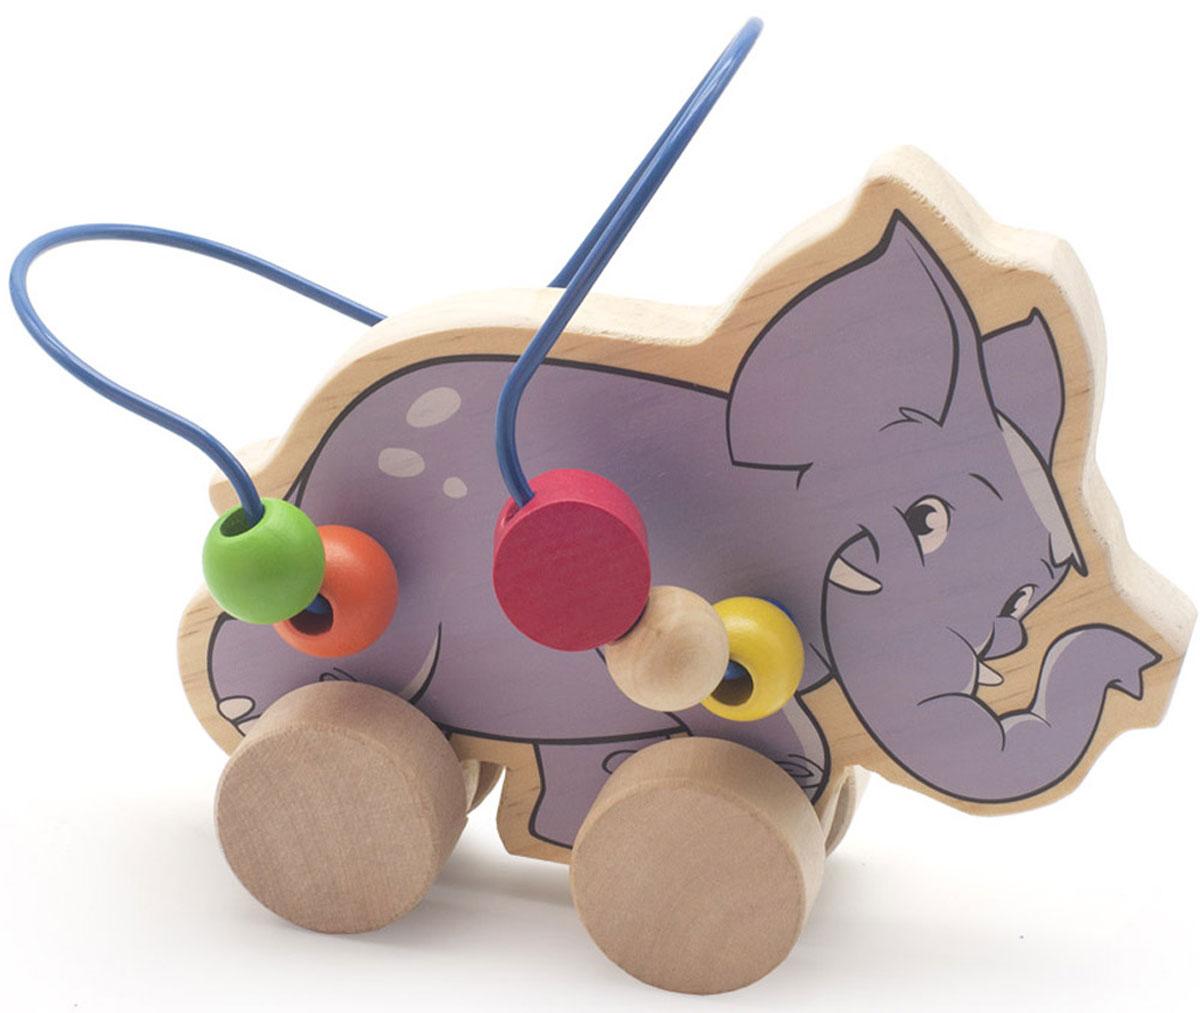 Мир деревянных игрушек Лабиринт-каталка СлонД368Лабиринт-каталка Мир деревянных игрушек Слон - это замечательная игрушка для малышей! Игрушка в виде веселого слона на колесиках выполнена из качественных материалов по европейским стандартам и покрыта специальной краской на водной основе, которая абсолютно безопасна для вашего малыша. Производитель использует только экологически чистую новозеландскую сосну для производства своих игрушек. Дерево проходит специальную обработку, после которой на модели не остается острых углов или шероховатых поверхностей, которые могут повредить кожу ребенка. К фигурке слона прикреплена изогнутая проволока, по которой свободно могут двигаться фигурки, различные по цвету и форме. Мелкие детали не снимаются. Благодаря большим деревянным колесам малыш сможет использовать игрушку и как каталку. Лабиринт-каталка развивает моторику рук, логическое мышление, а также знакомит малыша с основными цветами и формами.